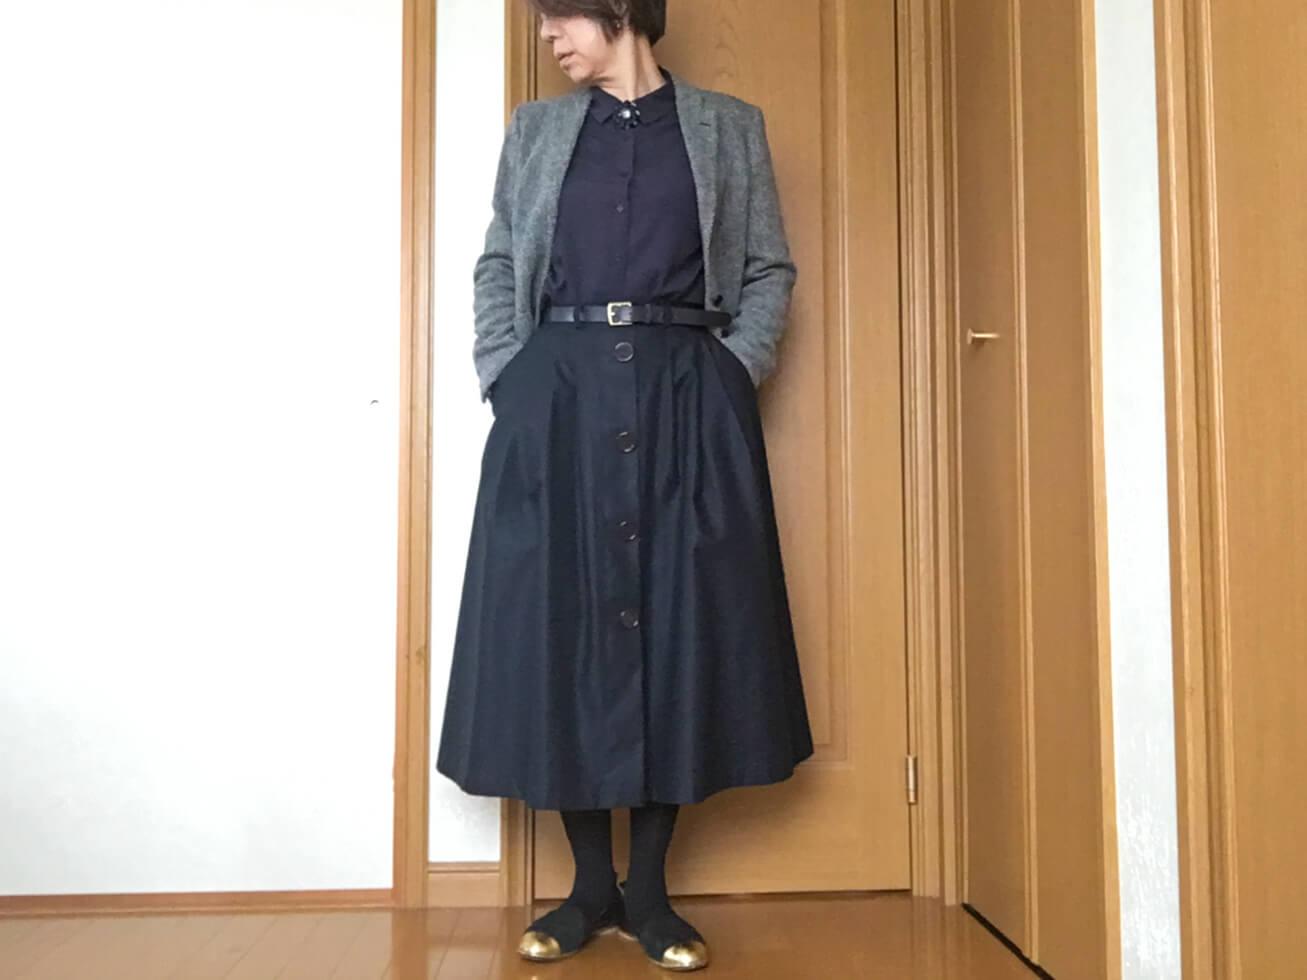 紺のブラウスとチェックのジャケットのおしゃれコーデの写真